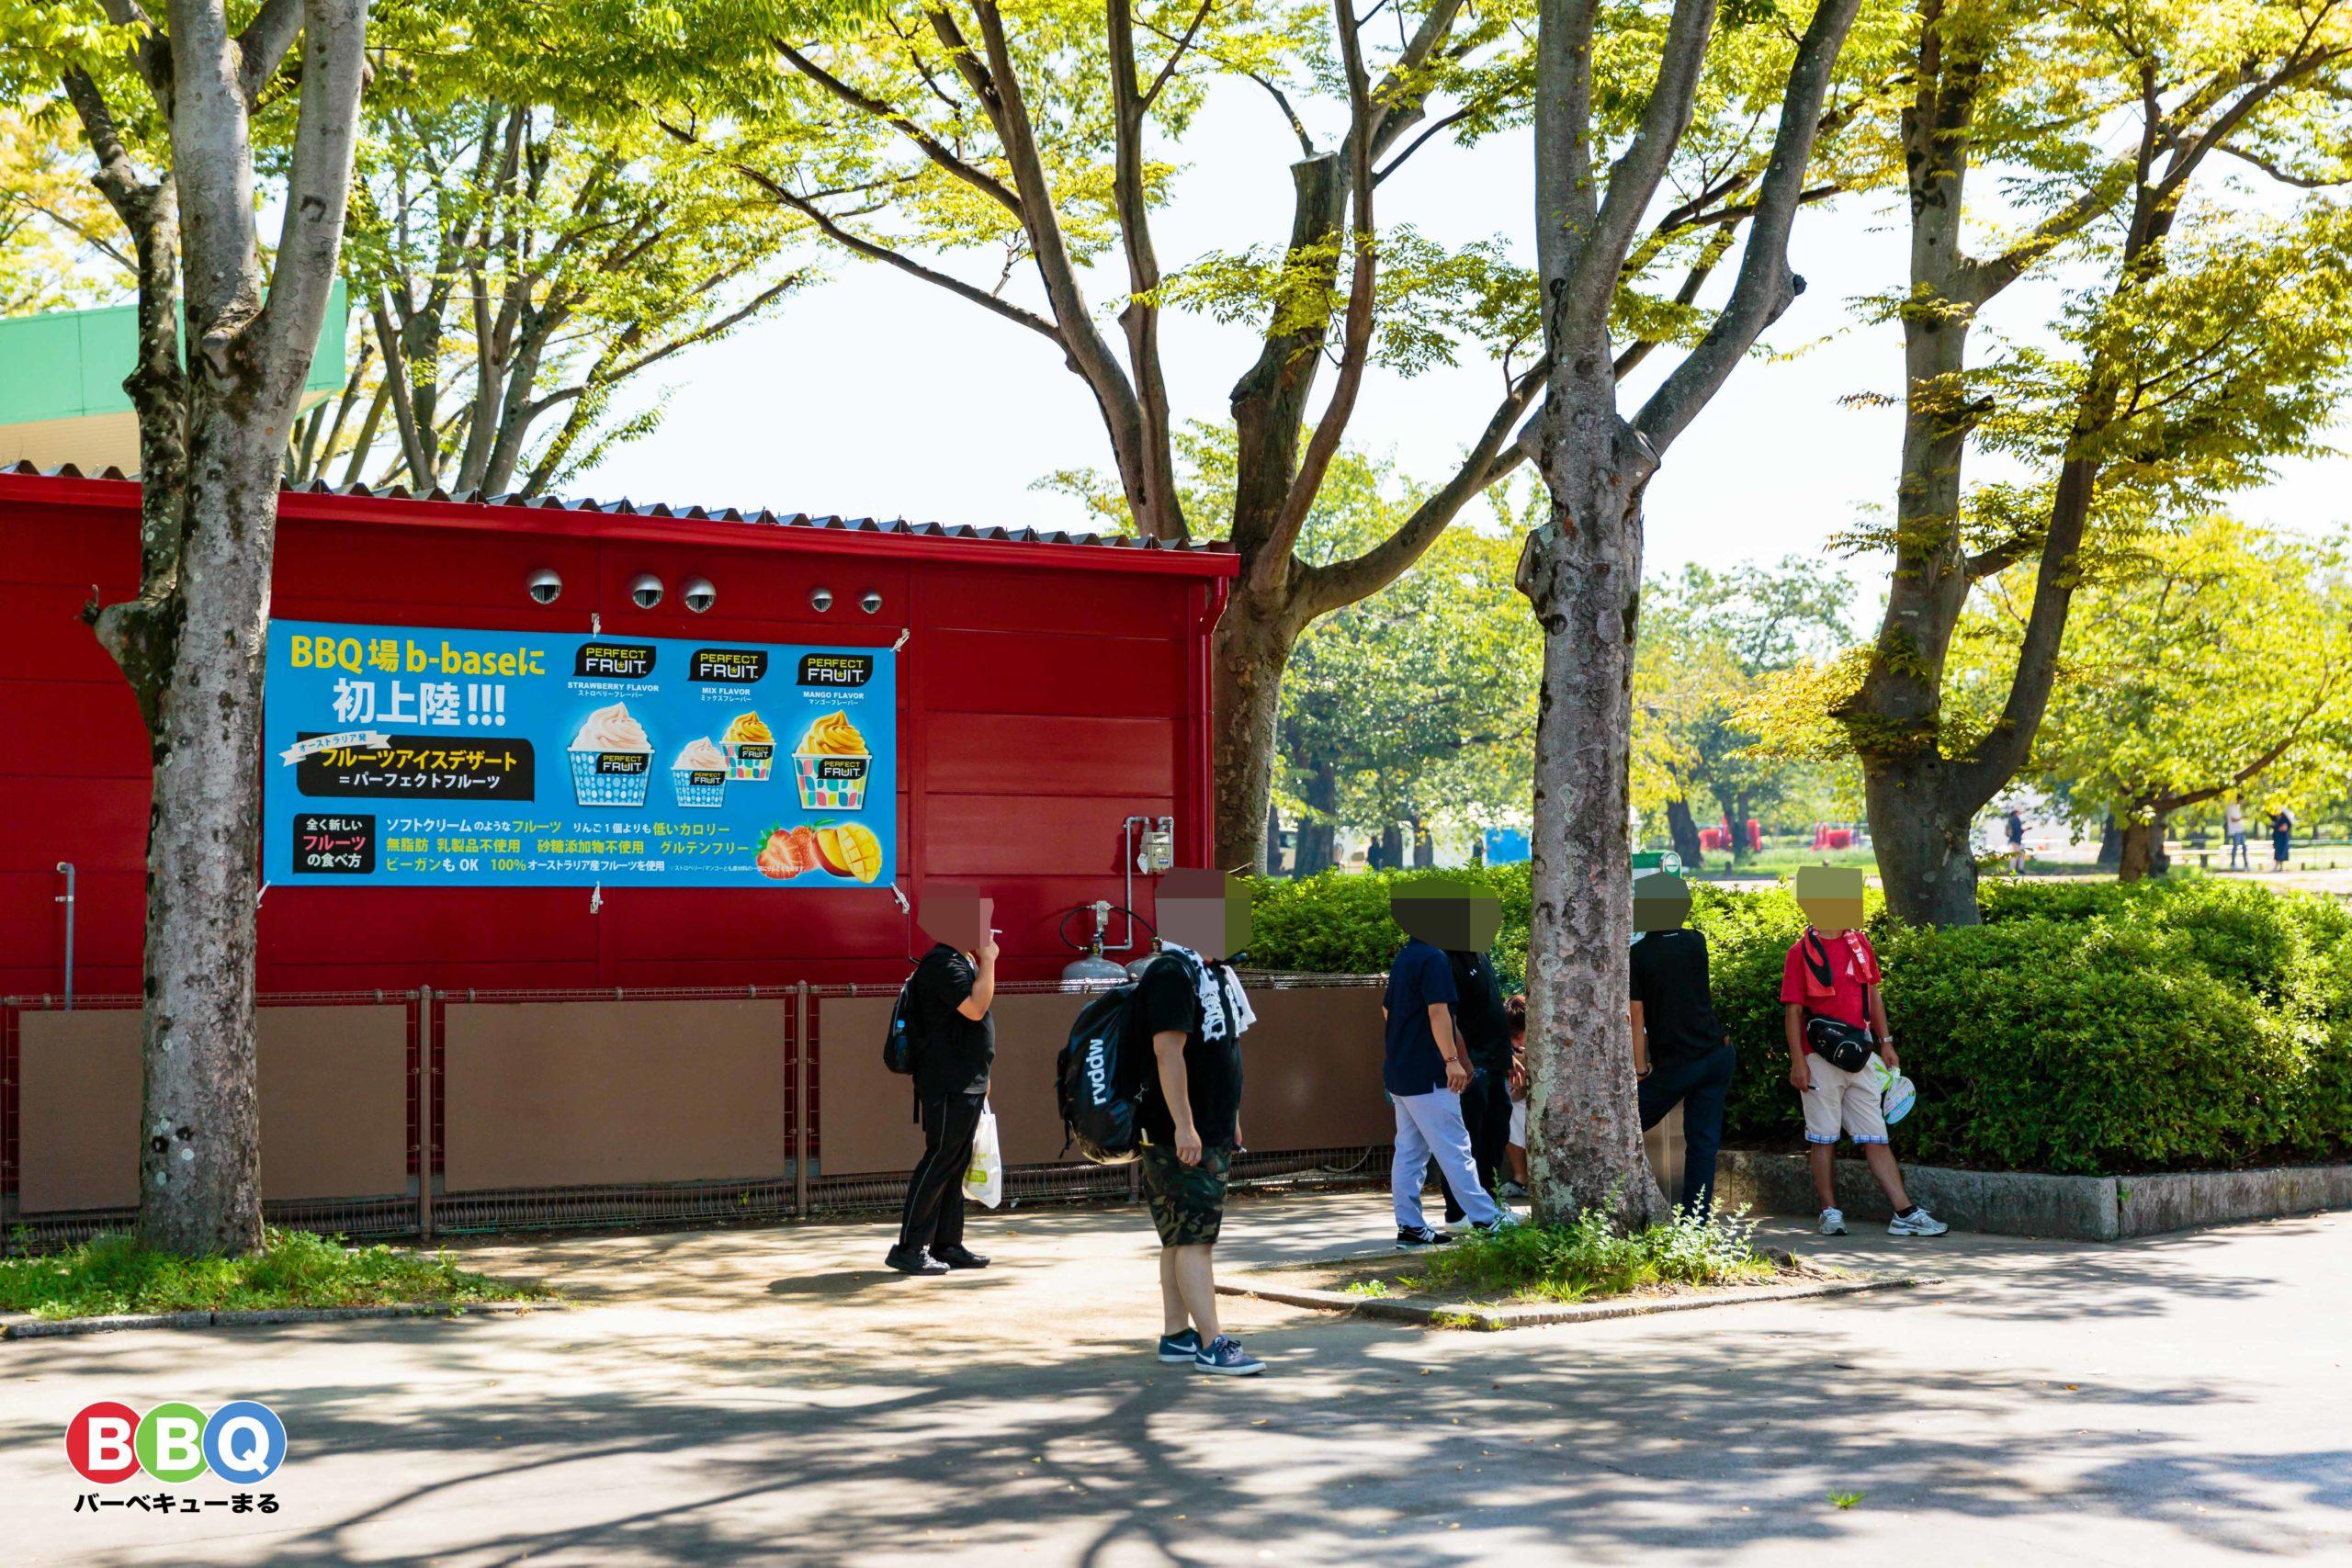 万博記念公園バーベキューb-base喫煙コーナー